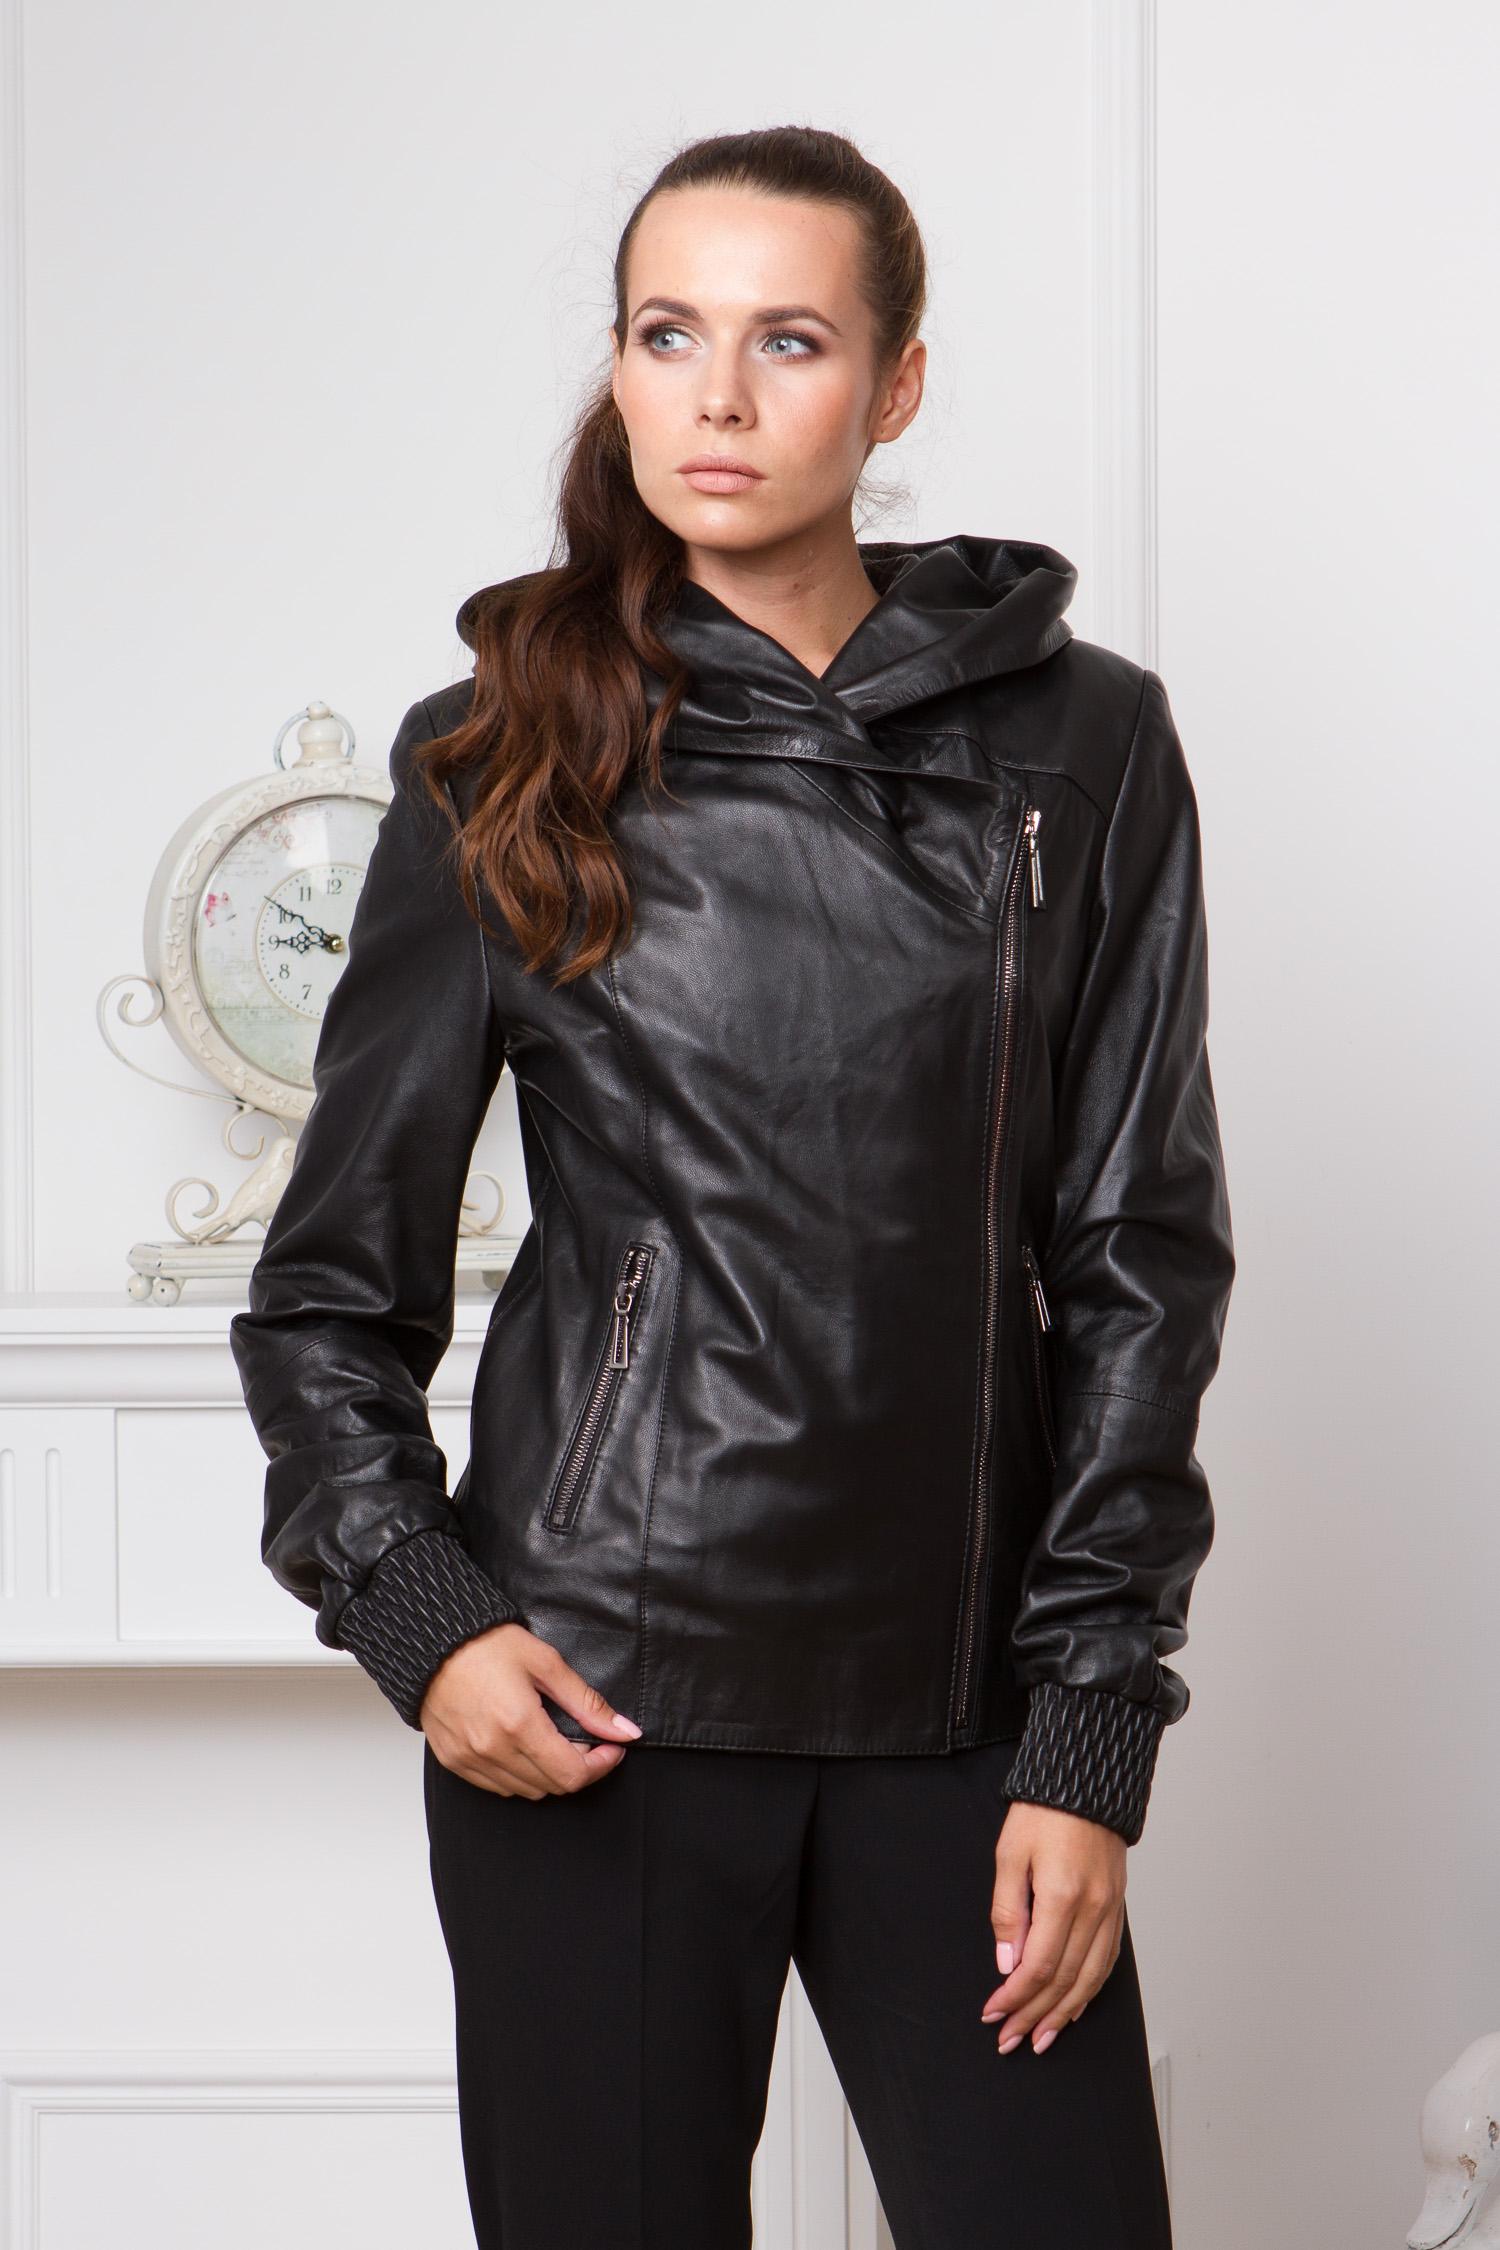 Женская кожаная куртка из натуральной кожи с капюшоном, без отделкиЦвет - оникс (черный).<br><br>Кожаная куртка базового черного цвета - это основа осенне-весеннего гардероба. Брюки, джинсы, юбка, платье - благодаря продуманному дизайну, куртку можно сочетать практически с любой вещью стиля casual.<br><br>Лаконичный крой и продуманный дизайн обеспечивают отличную посадку. Куртка очень удобна, в качестве воротника используется объемный капюшон, с которым не страшны ни дождь, ни ветер.<br><br>В этом изделие много оригинальных деталей. Например, ассиметричная молния. Она очень удачно гармонирует с боковыми карманами. Стоит отметить, что в крое куртки используется качественная фурнитура, что позволит очень долго носить изделие, не прибегая к ремонту.<br><br>Еще одна особенность - это закрепленные резинкой низ изделия и манжеты. Благодаря необычному тиснению, резинка выглядит и как декоративный элемент.<br><br>Воротник: капюшон<br>Длина см: Короткая (51-74 )<br>Материал: Кожа овчина<br>Цвет: черный<br>Вид застежки: косая<br>Застежка: на молнии<br>Пол: Женский<br>Размер RU: 50